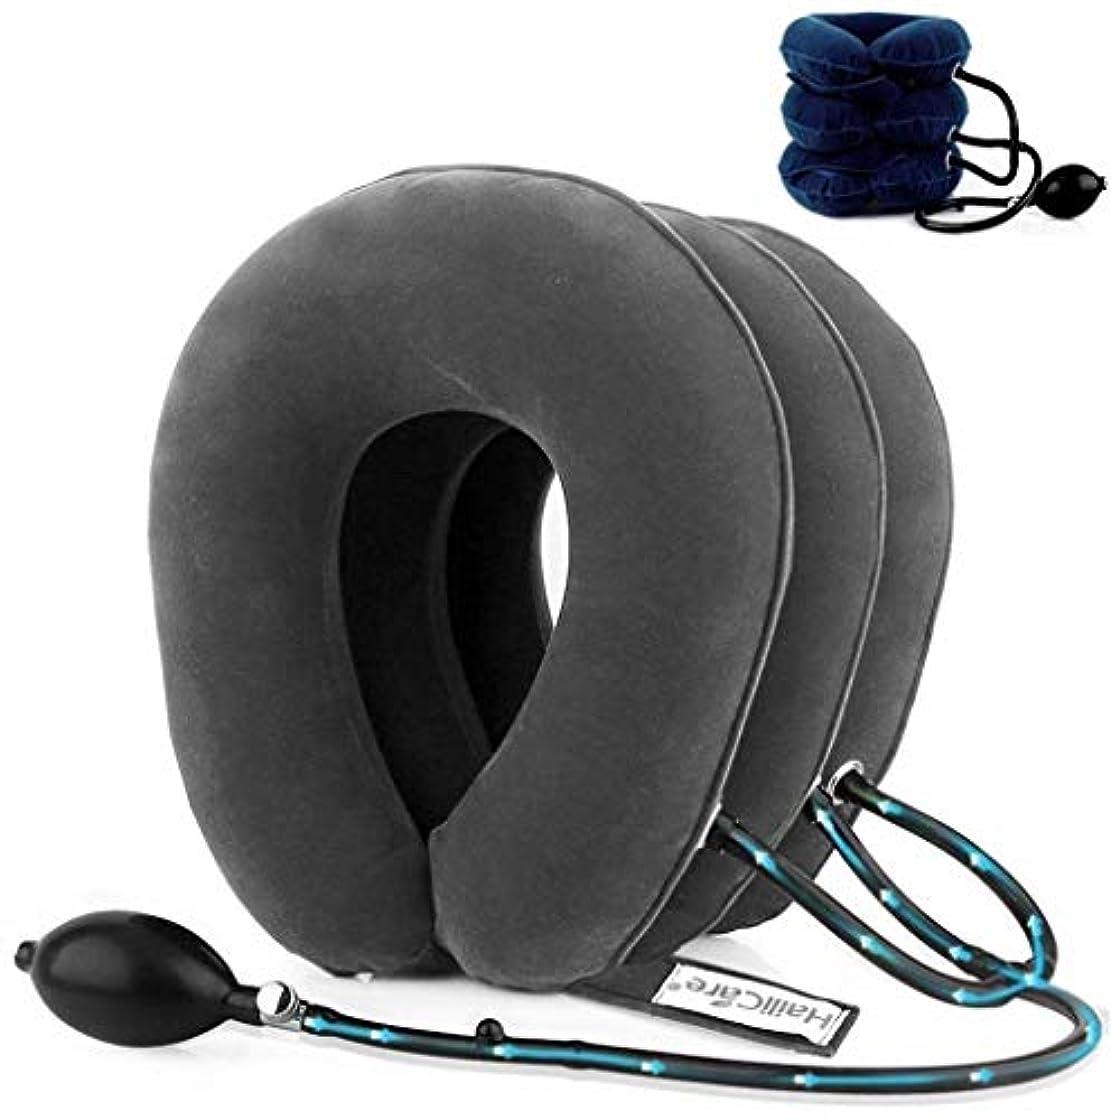 預言者あたり穿孔する首のマッサージャー、膨脹可能なマッサージの首の枕、頚部牽引装置、背部/肩の首のマッサージャー、ヘルスケア、苦痛救助/圧力 (Color : Gray)